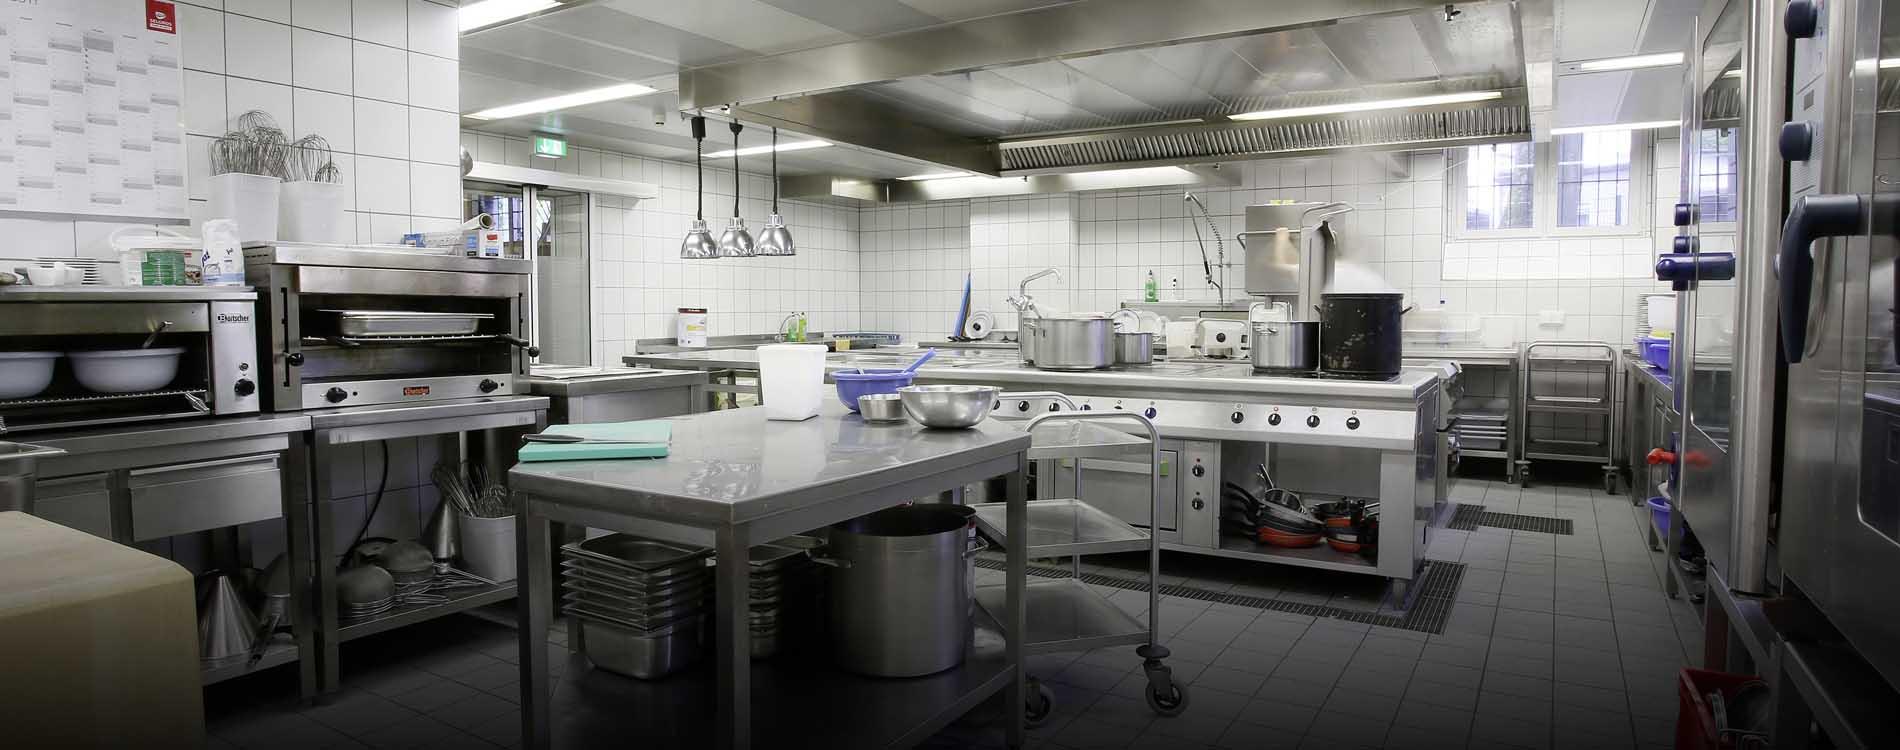 Küche des Hauses der Siegerländer Wirtschaft